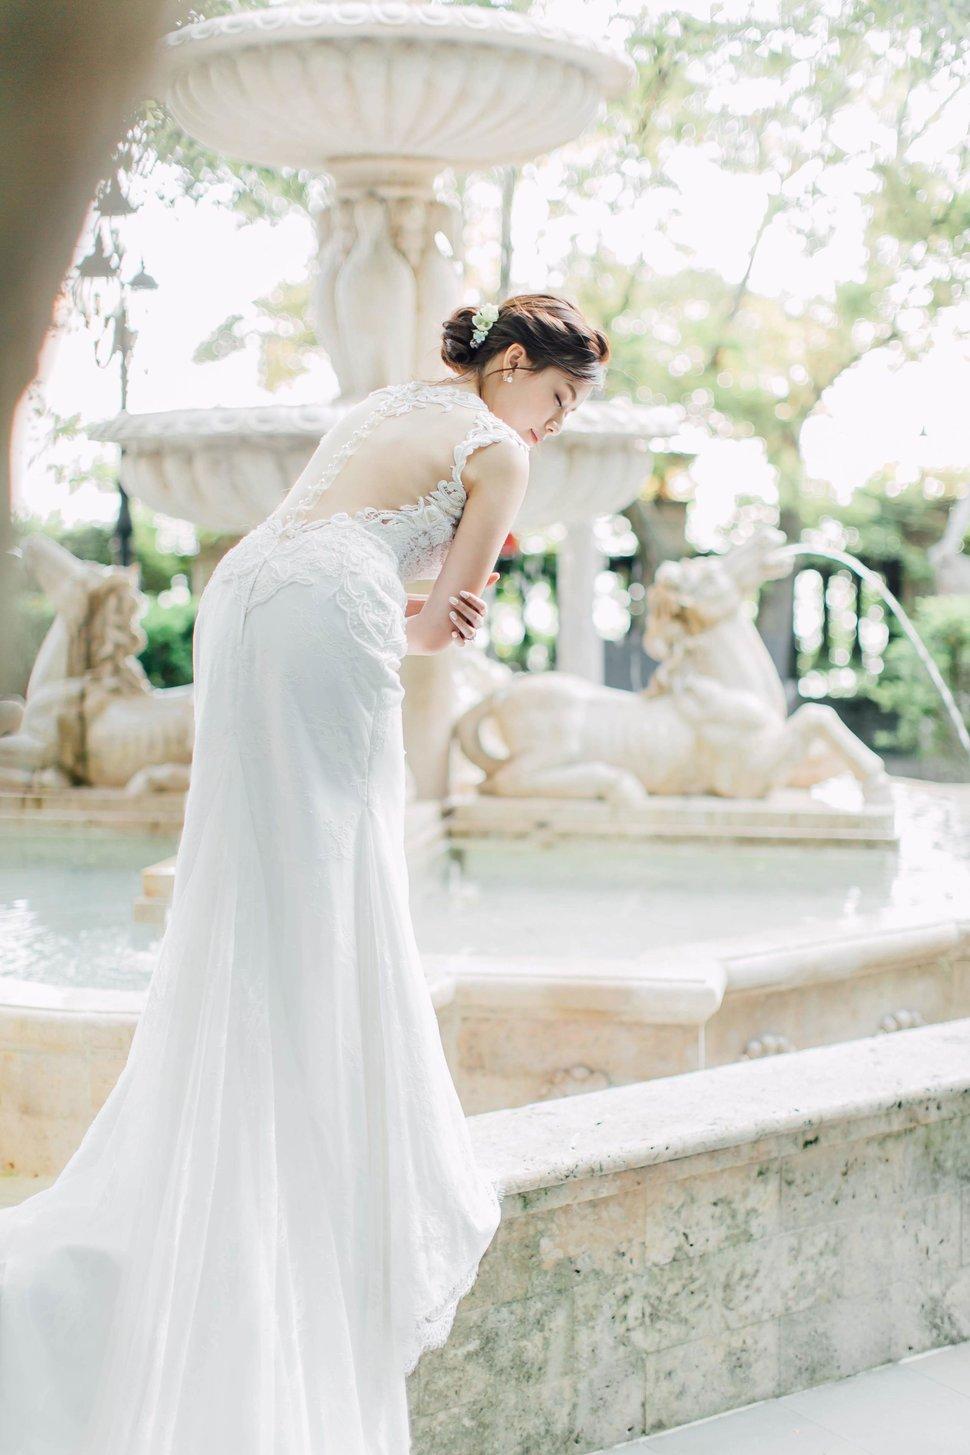 美式婚紗-自助婚紗-Amazing Grace攝影- Amazing Grace Studio-戶外婚紗-老英格蘭婚紗 -台北婚紗-台中婚紗-美式婚攝110 - Amazing Grace Studio《結婚吧》